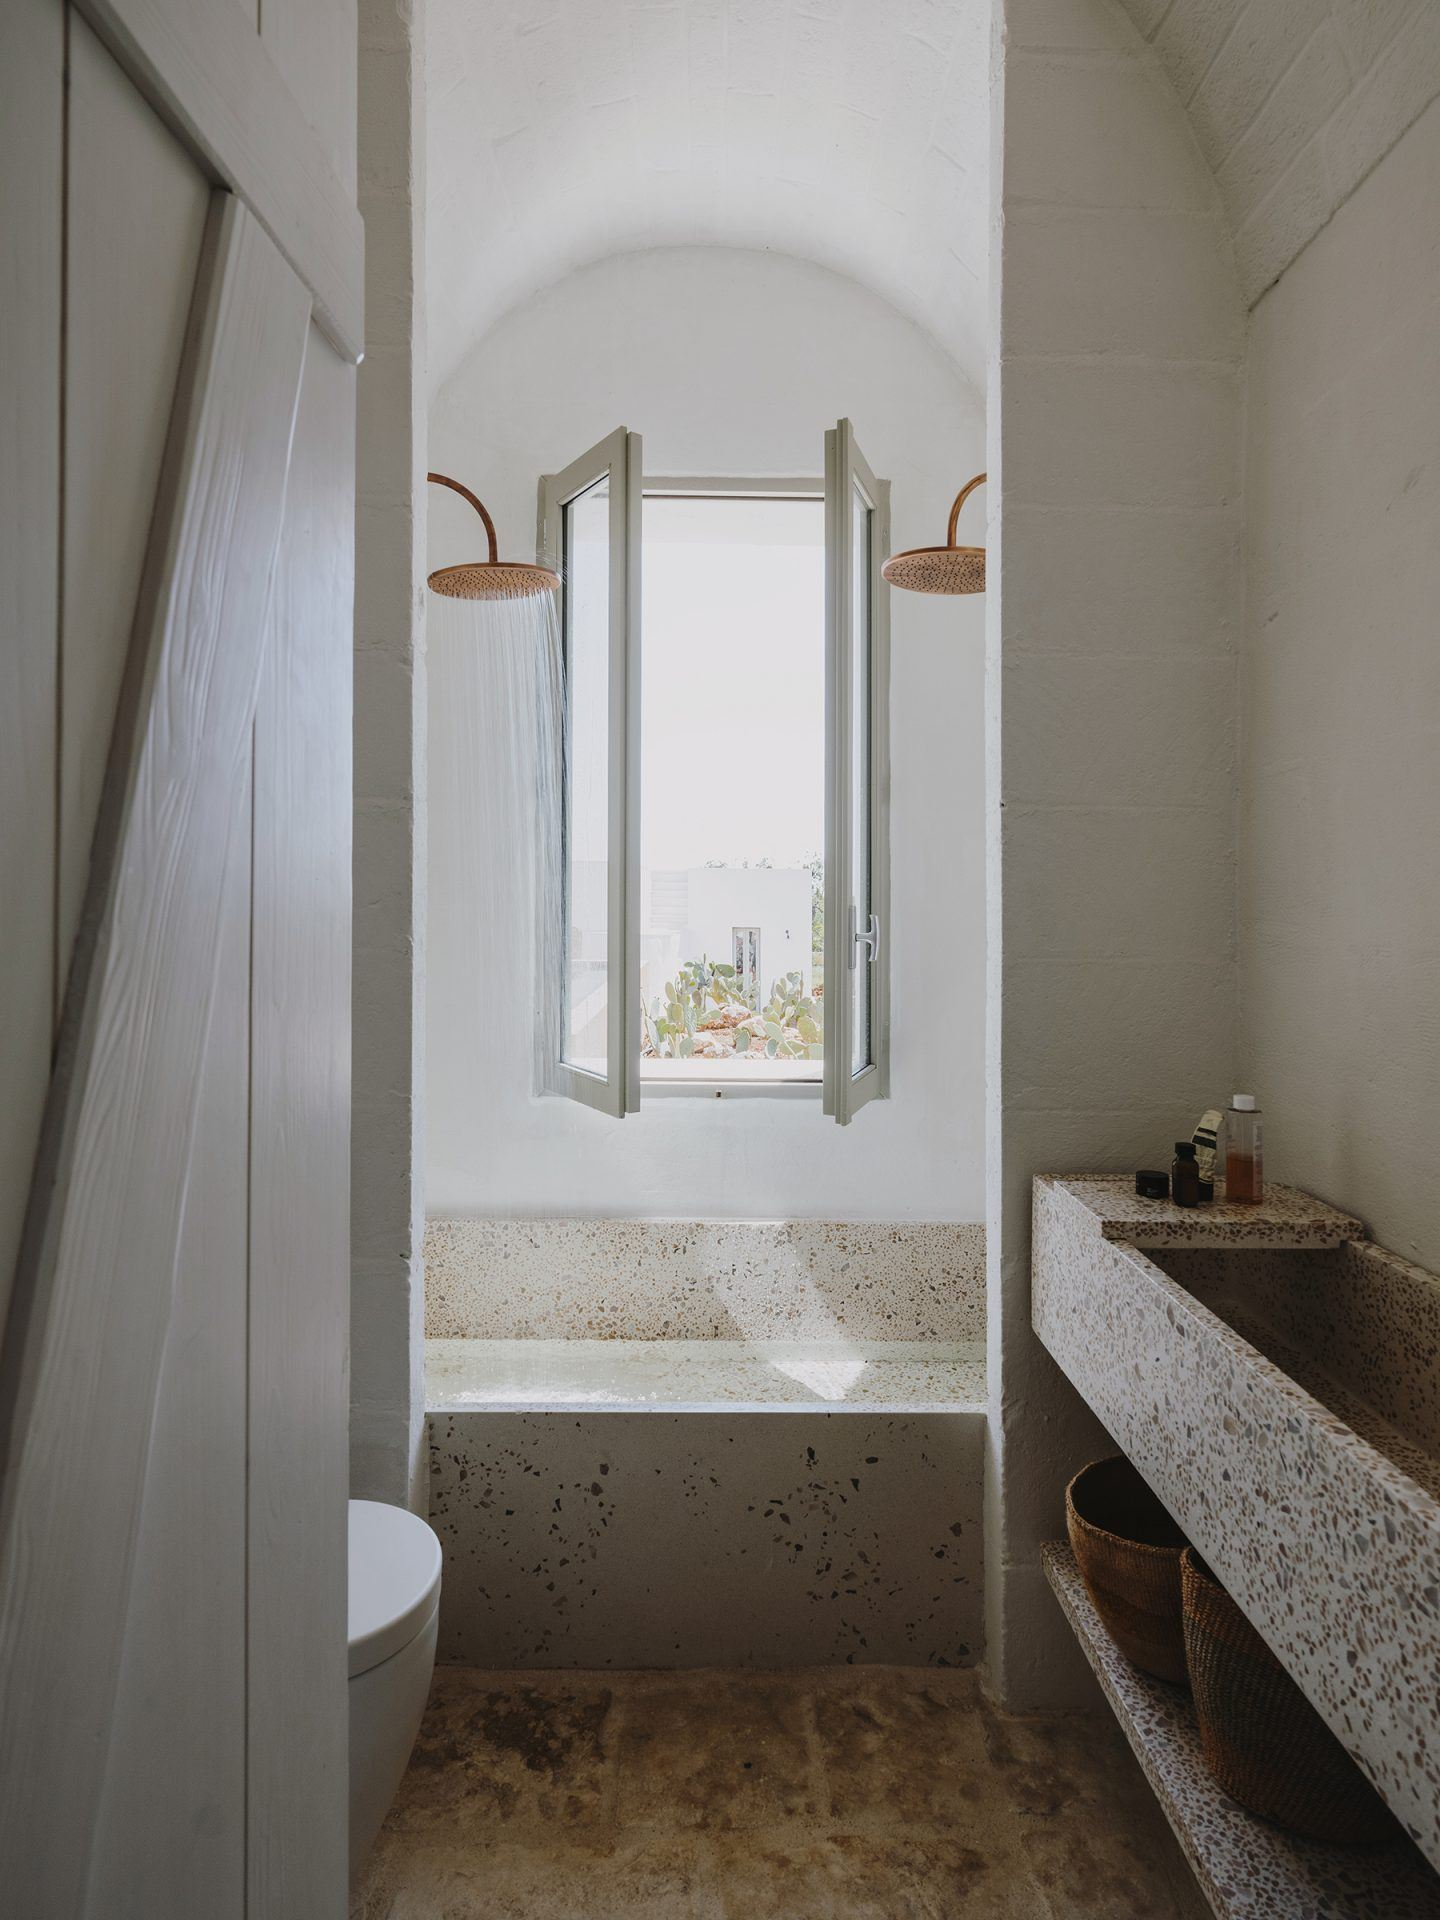 IGNANT-Architecture-Andrew-Trotter-Villa-Cardo-14